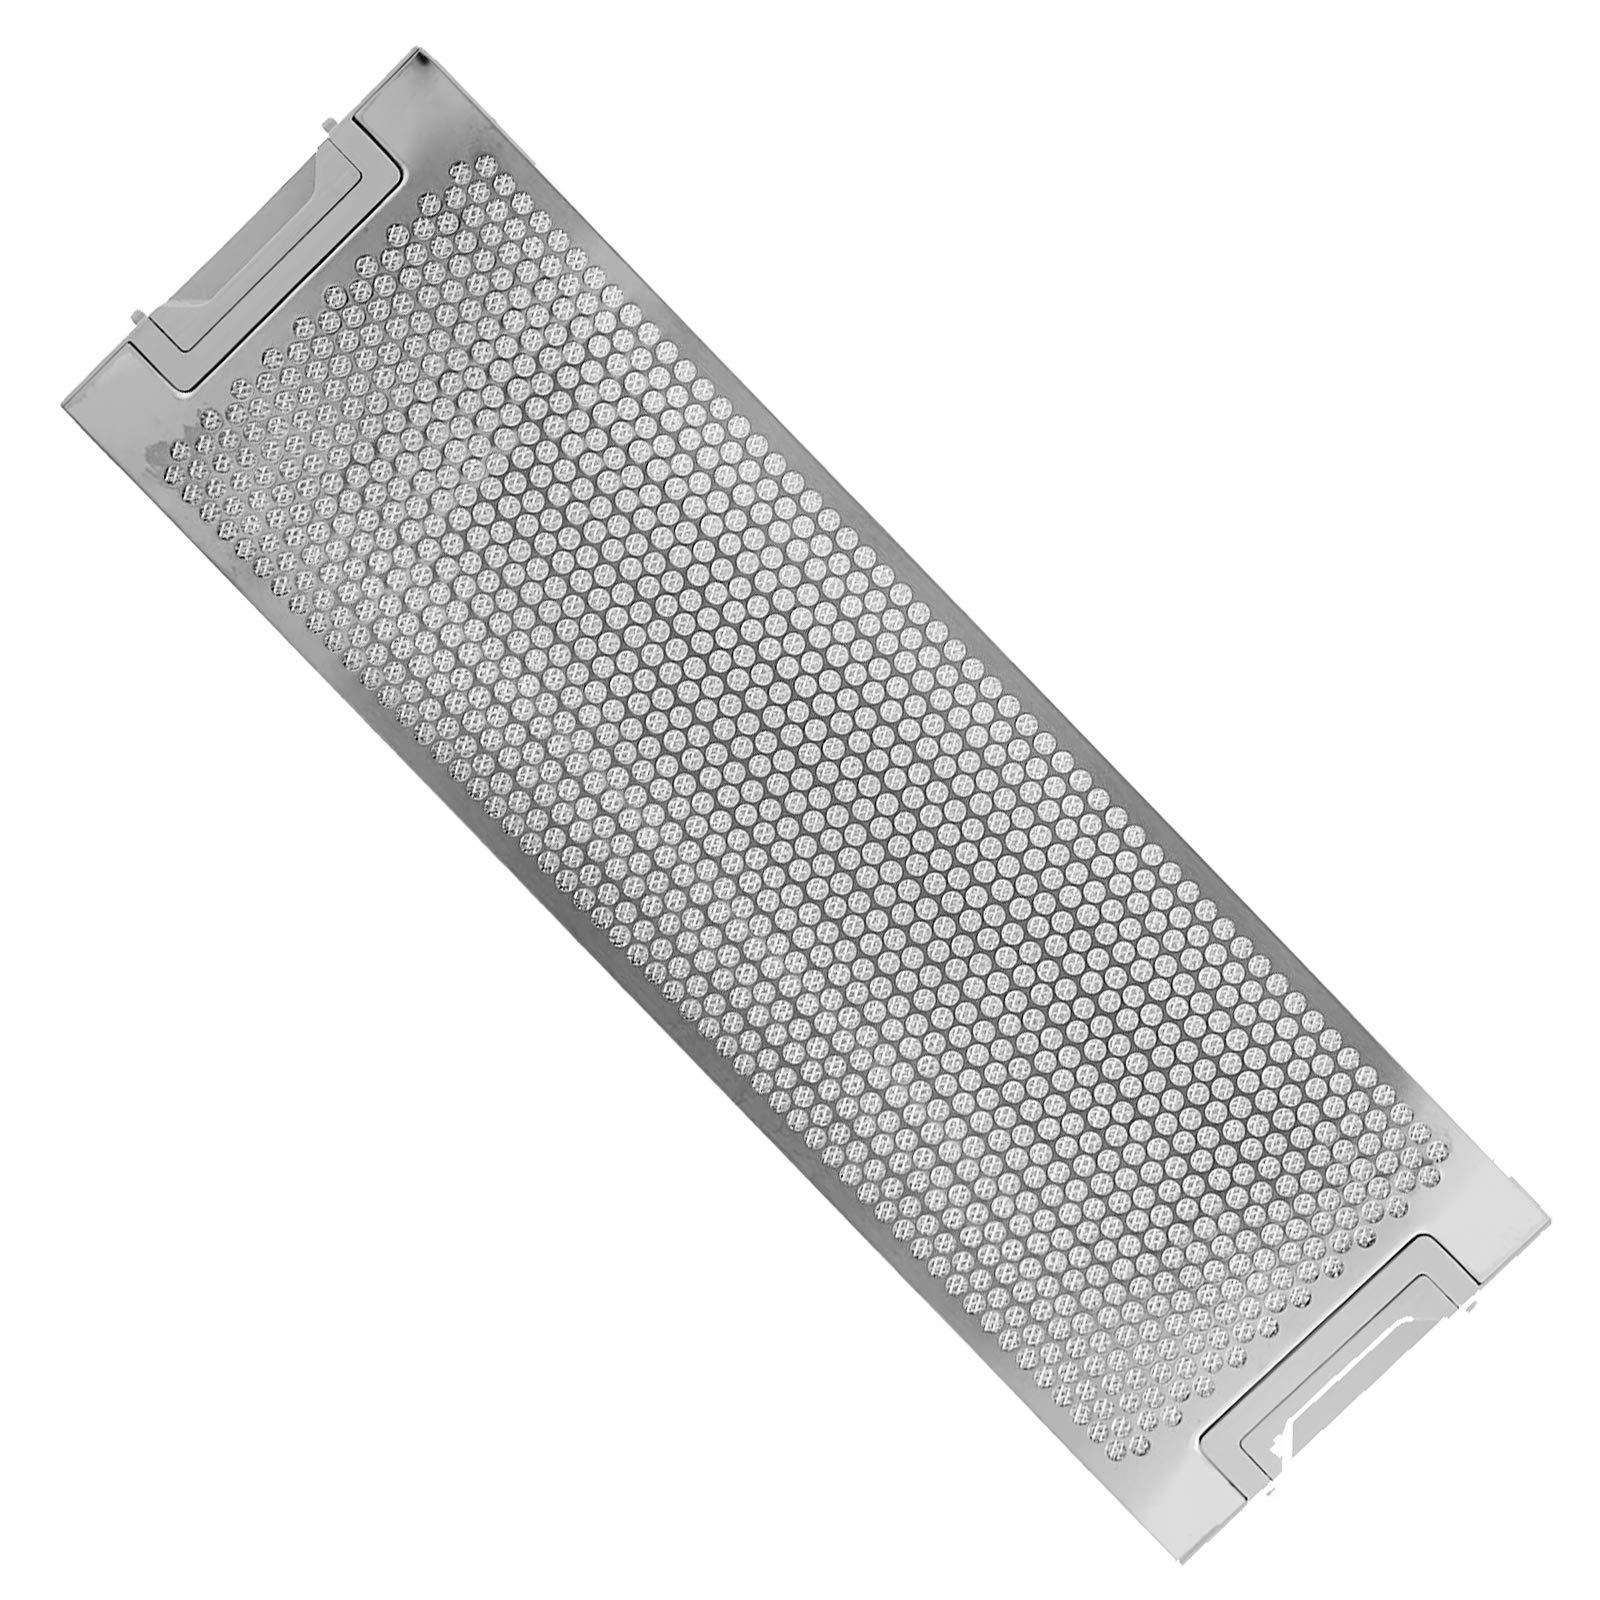 Spares2go Filtro de grasa de malla de metal para campana extractora de ventilación para Electrolux 5708D-M 5708DM/A extractor de campana de horno: Amazon.es: Hogar